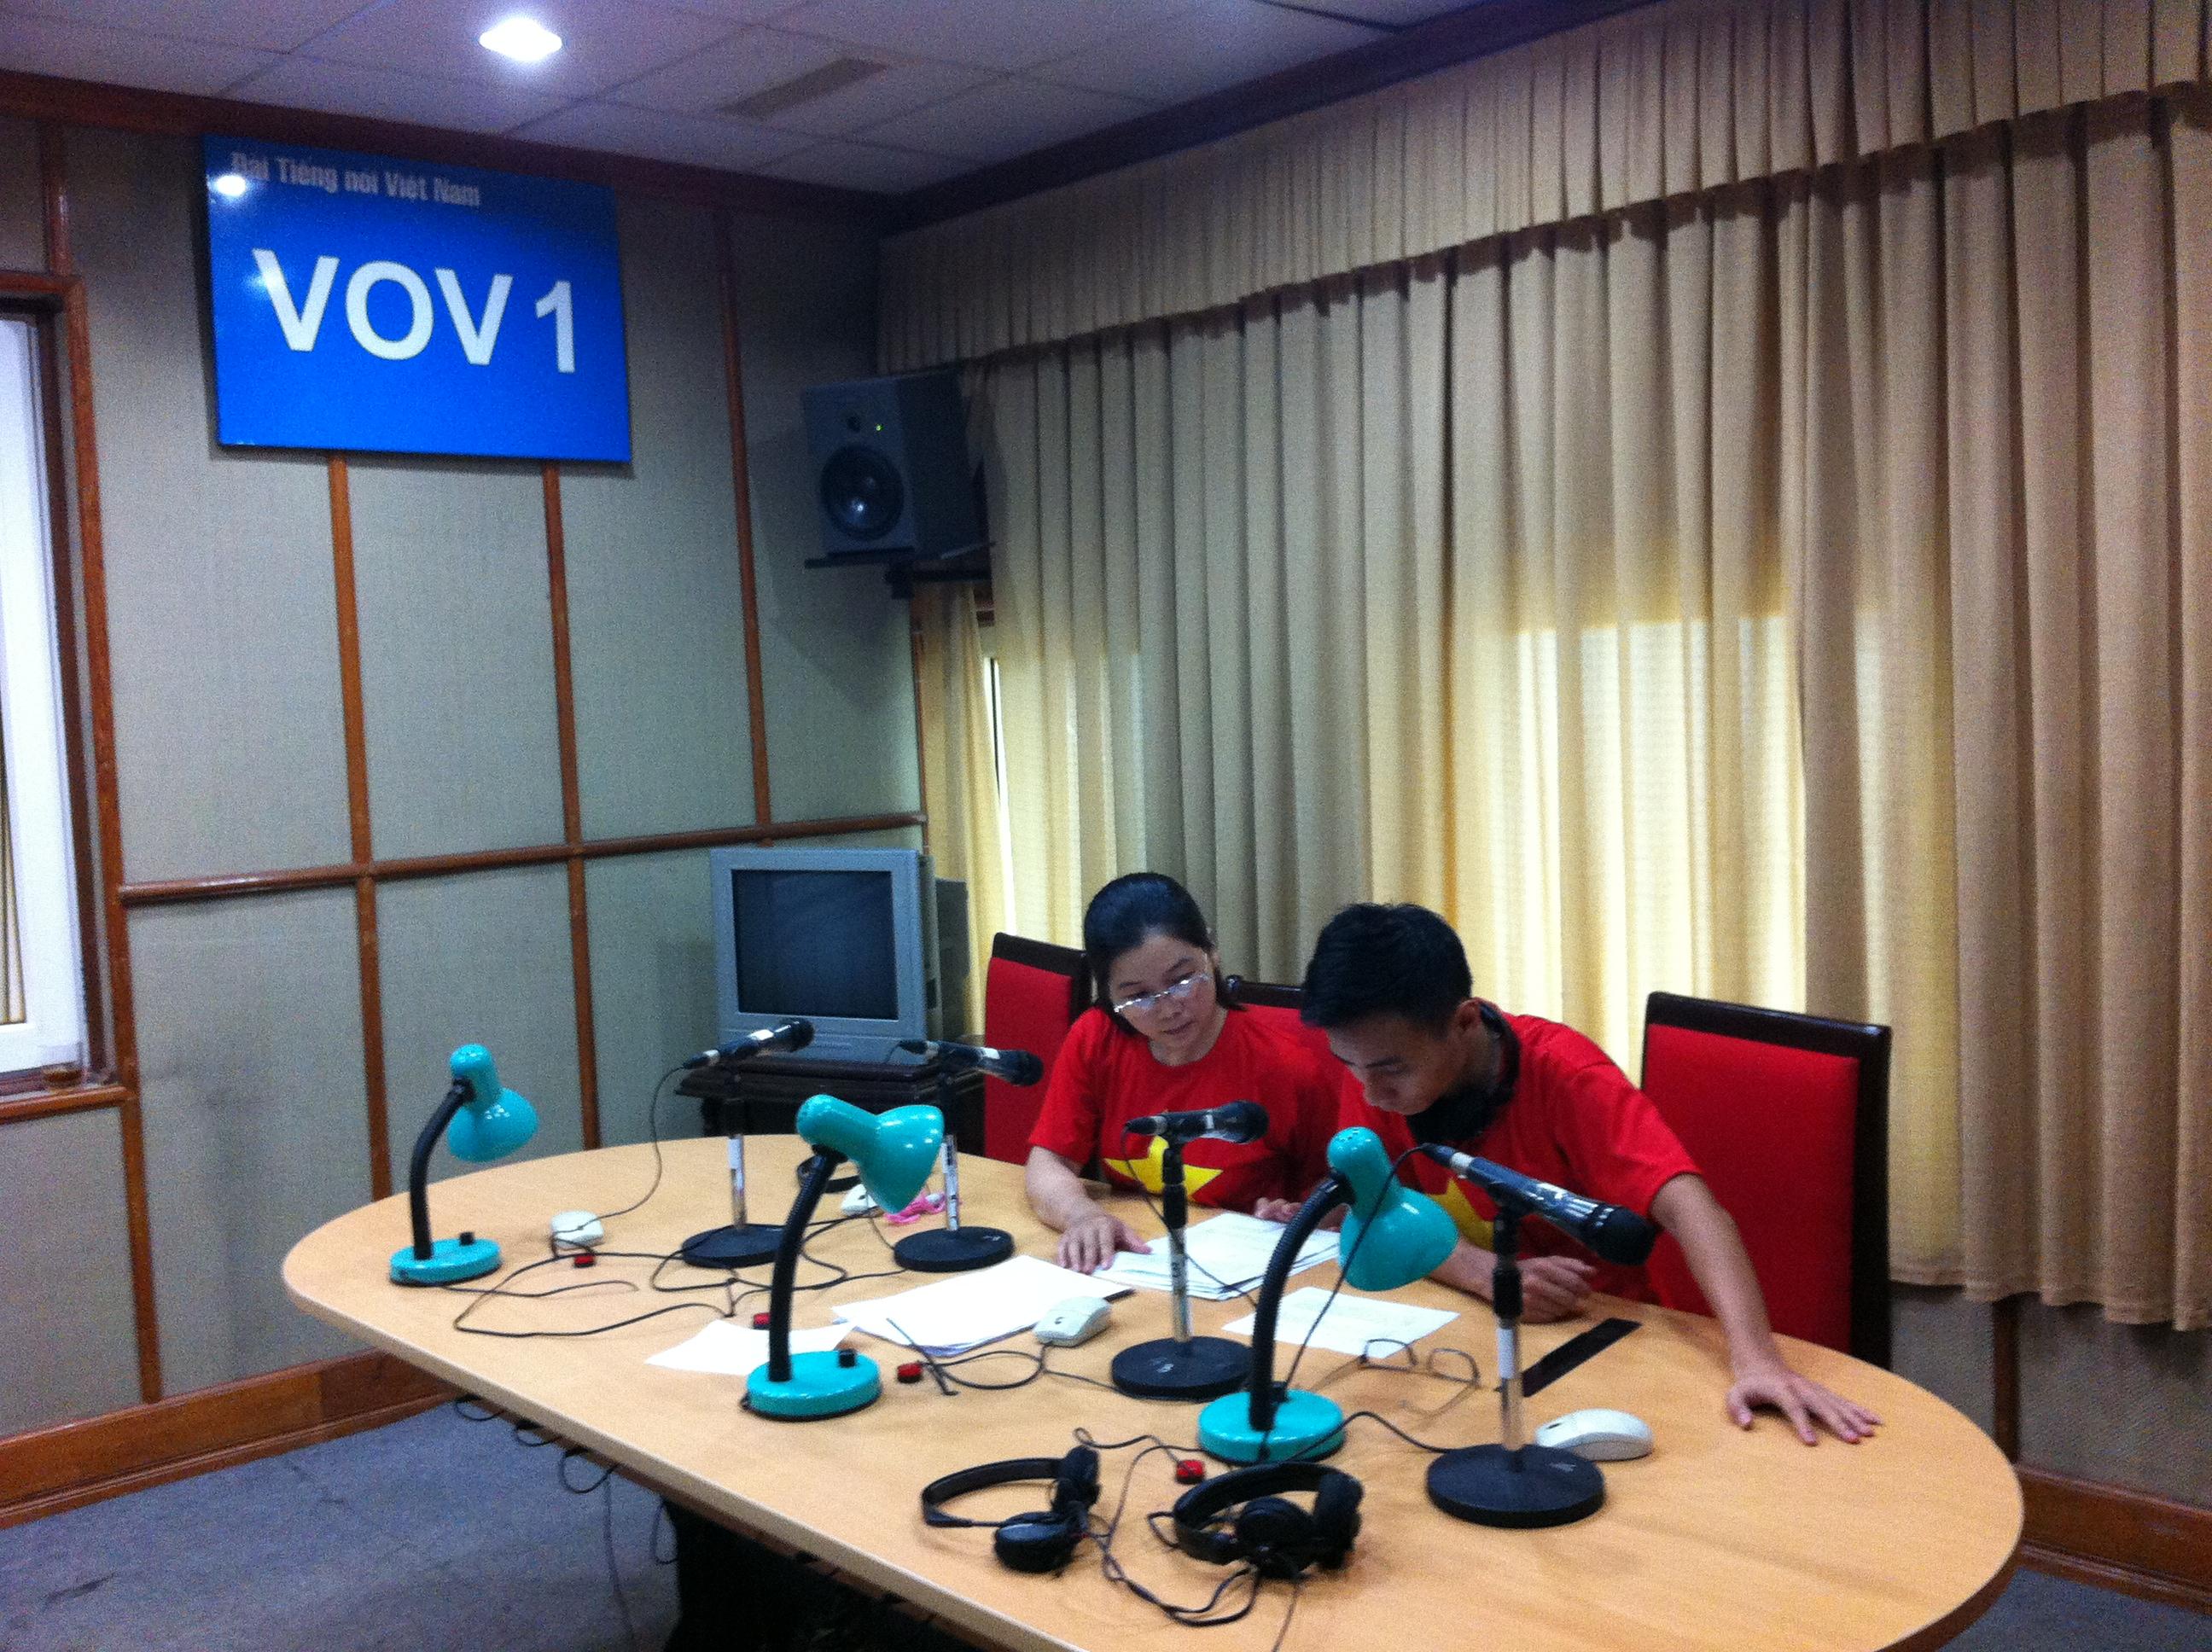 Thời sự trưa ngày 26/5/2014: Nhiều chứng cứ khẳng định chủ quyền của Việt Nam đối với 2 quần đảo Hoàng Sa và Trường Sa